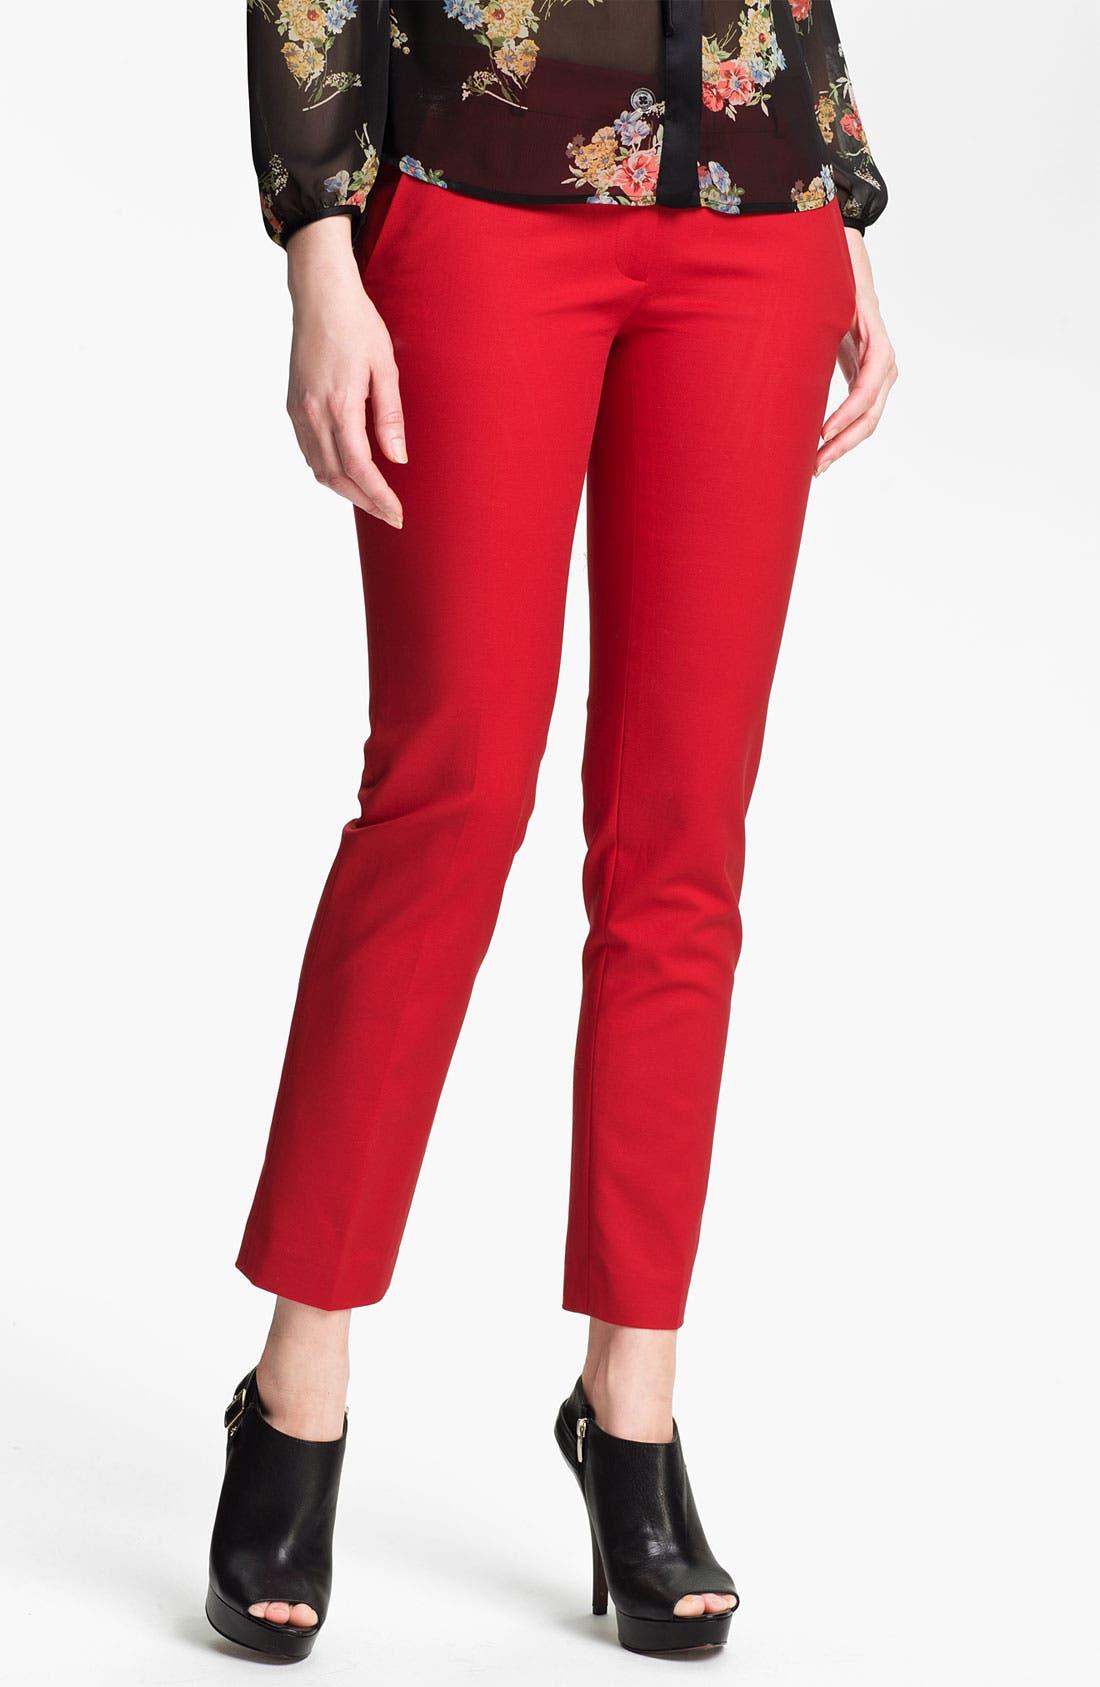 Alternate Image 1 Selected - MICHAEL Michael Kors Skinny Ankle Pants (Regular & Petite)